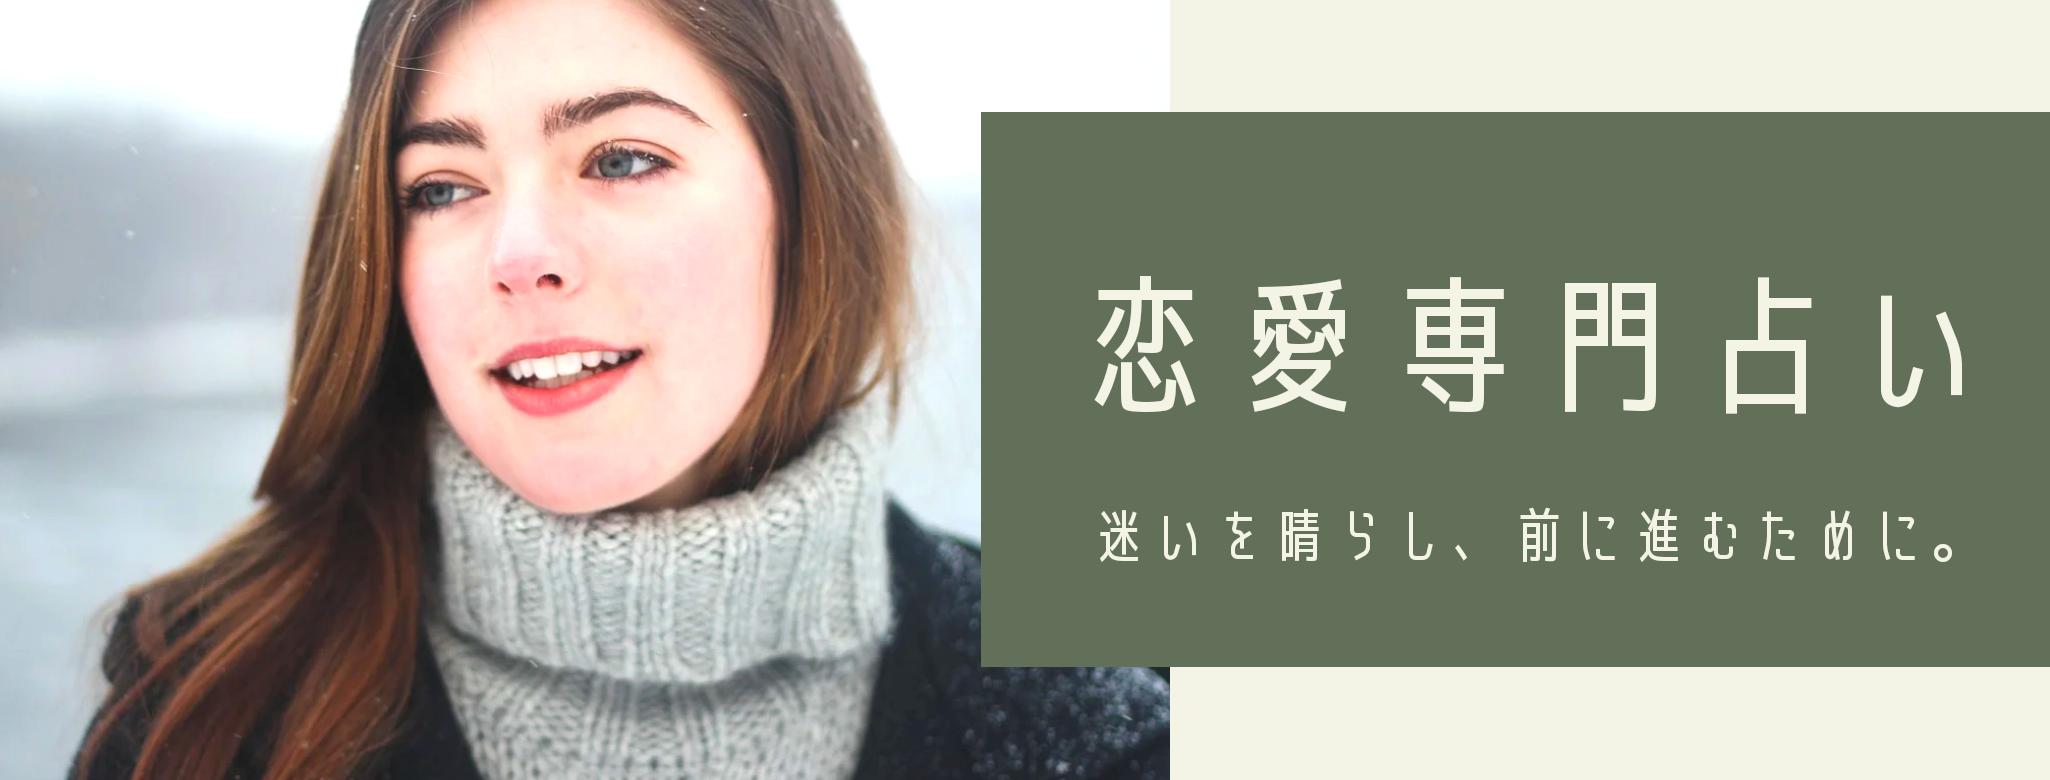 「この人でいいのか」「別れるべきか」迷って答えが出せないでいるあなたへ!東京恋愛専門タロット占い師/石川真彩